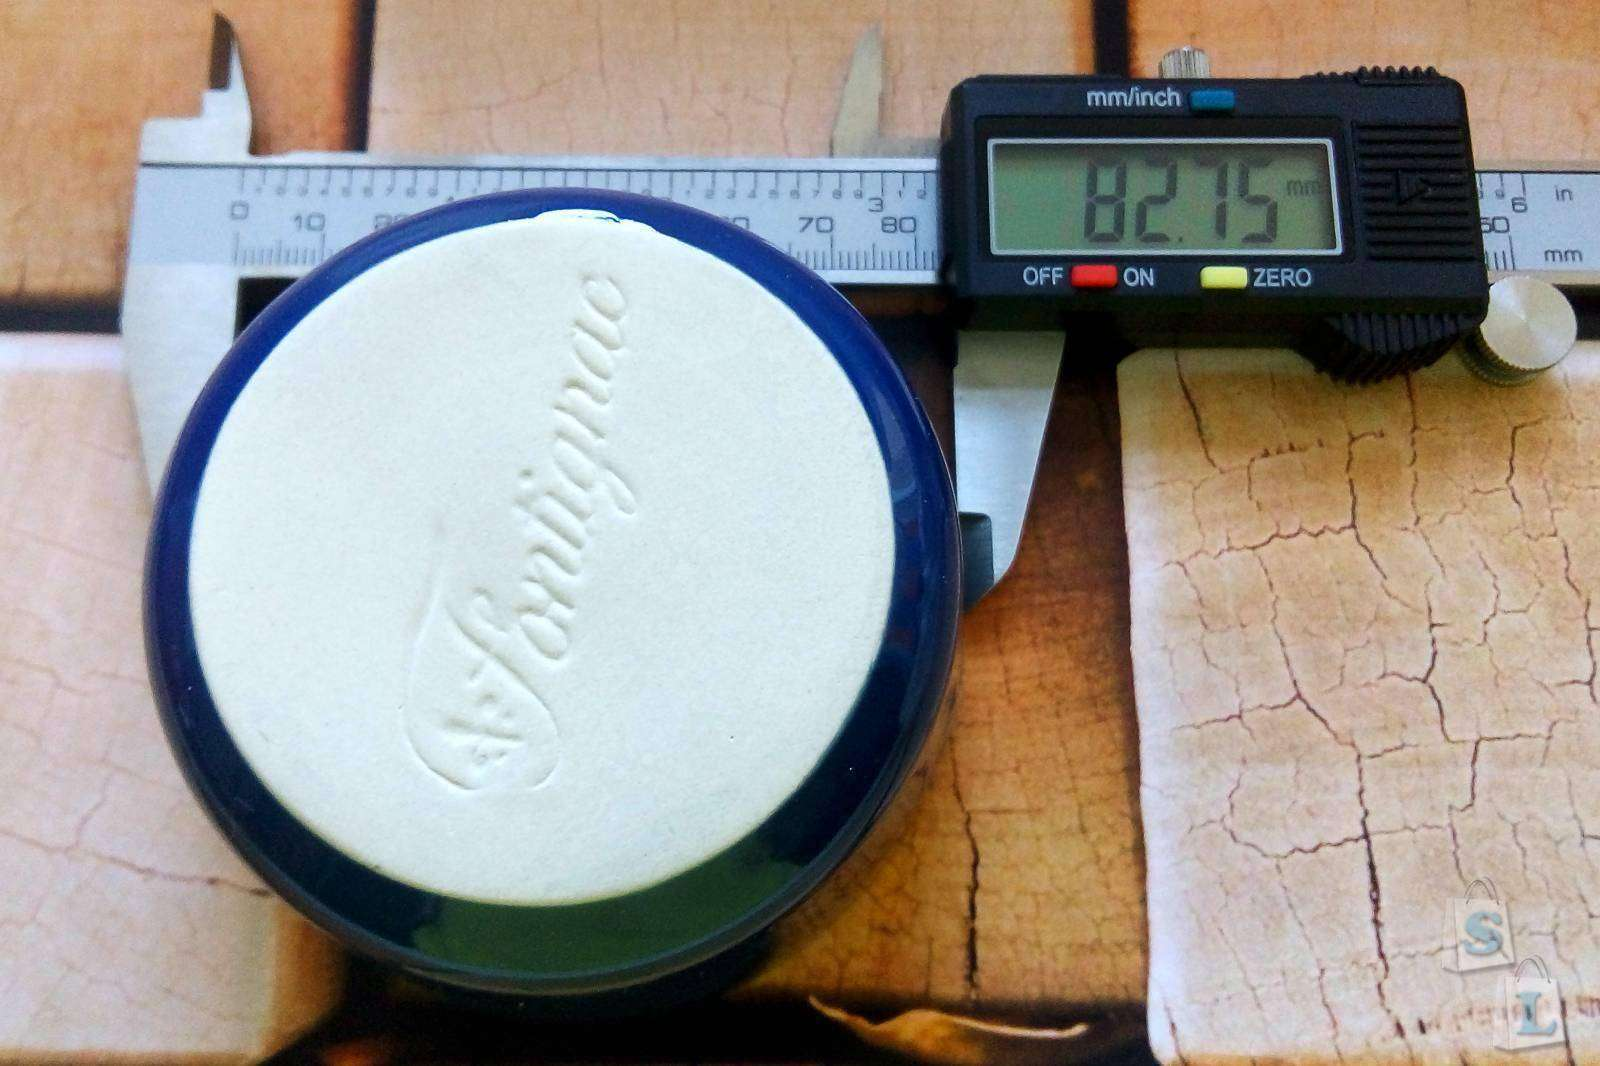 Сильпо: Фонтиньяк - возвращается. Обзор горшков для запекания Fontignac за 2 грн